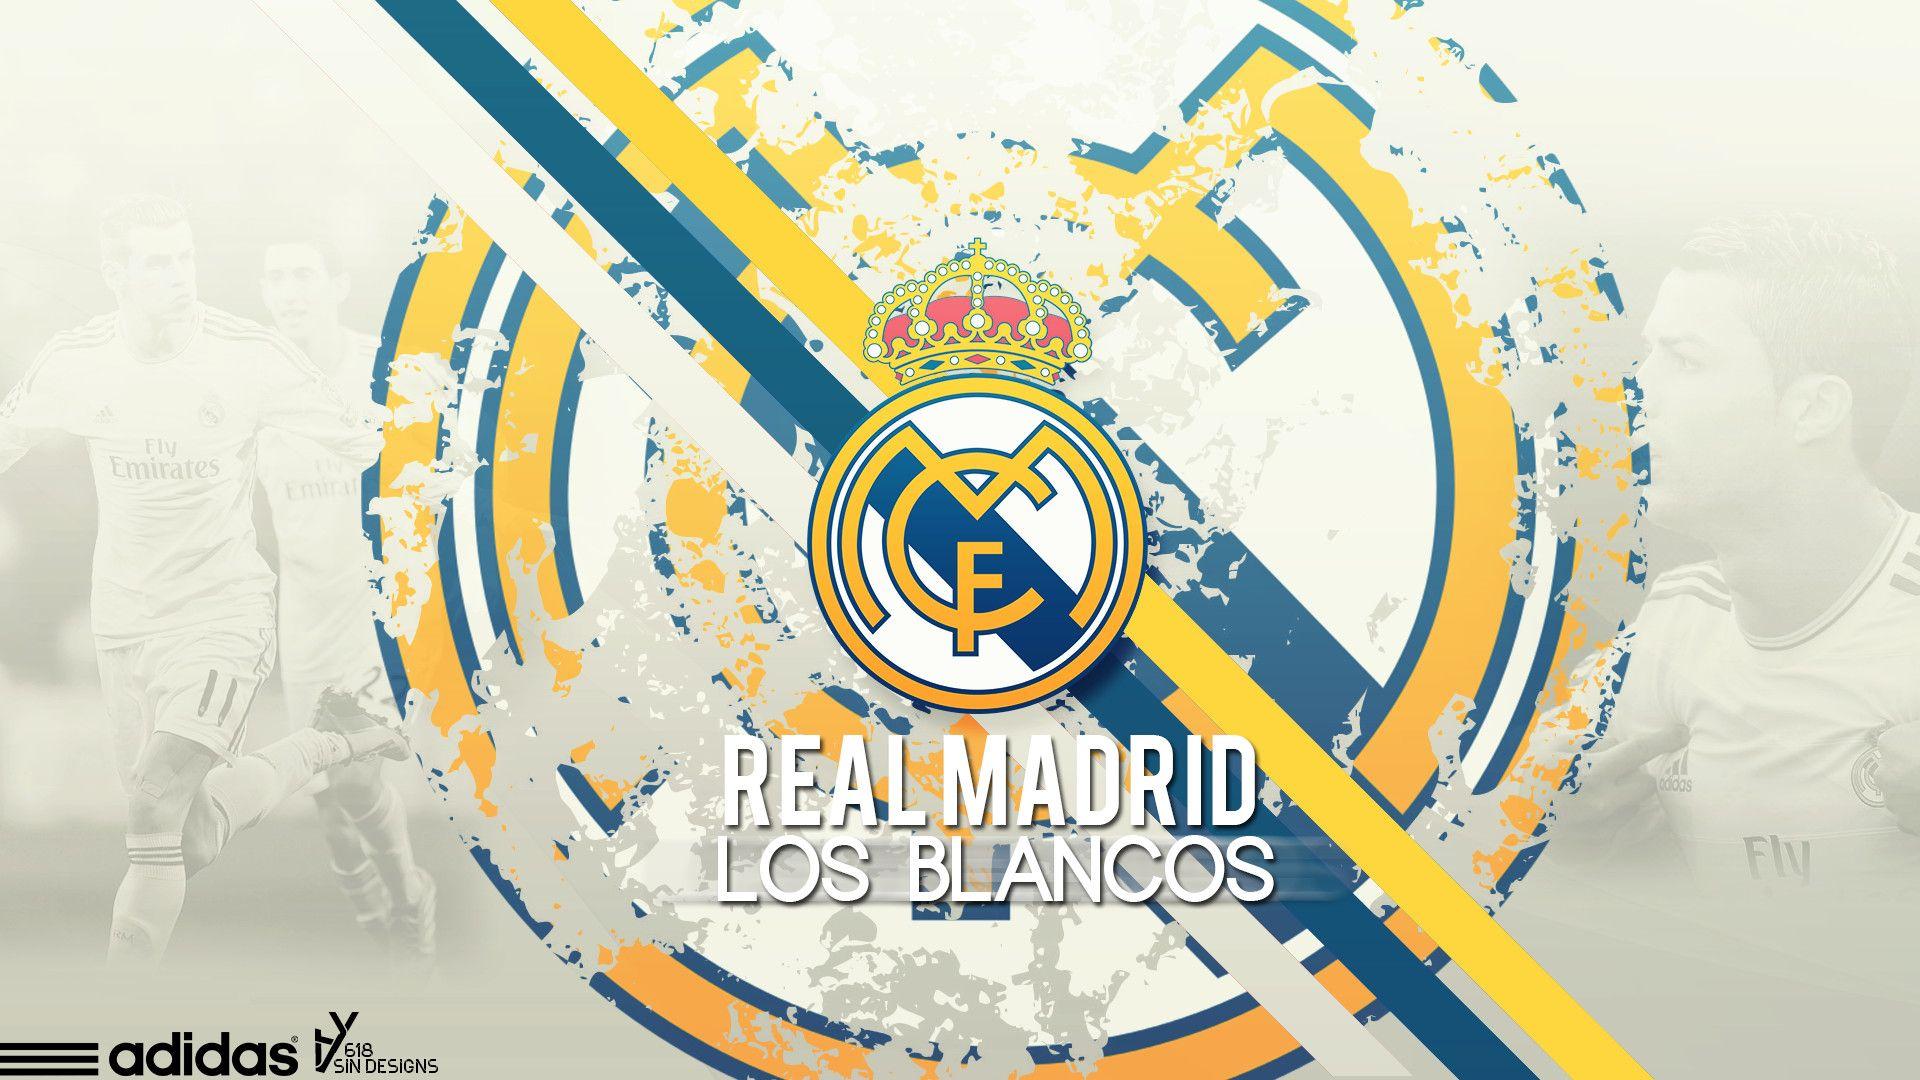 Real Madrid Wallpaper Equipo 2018 en 2020 Fond d'écran